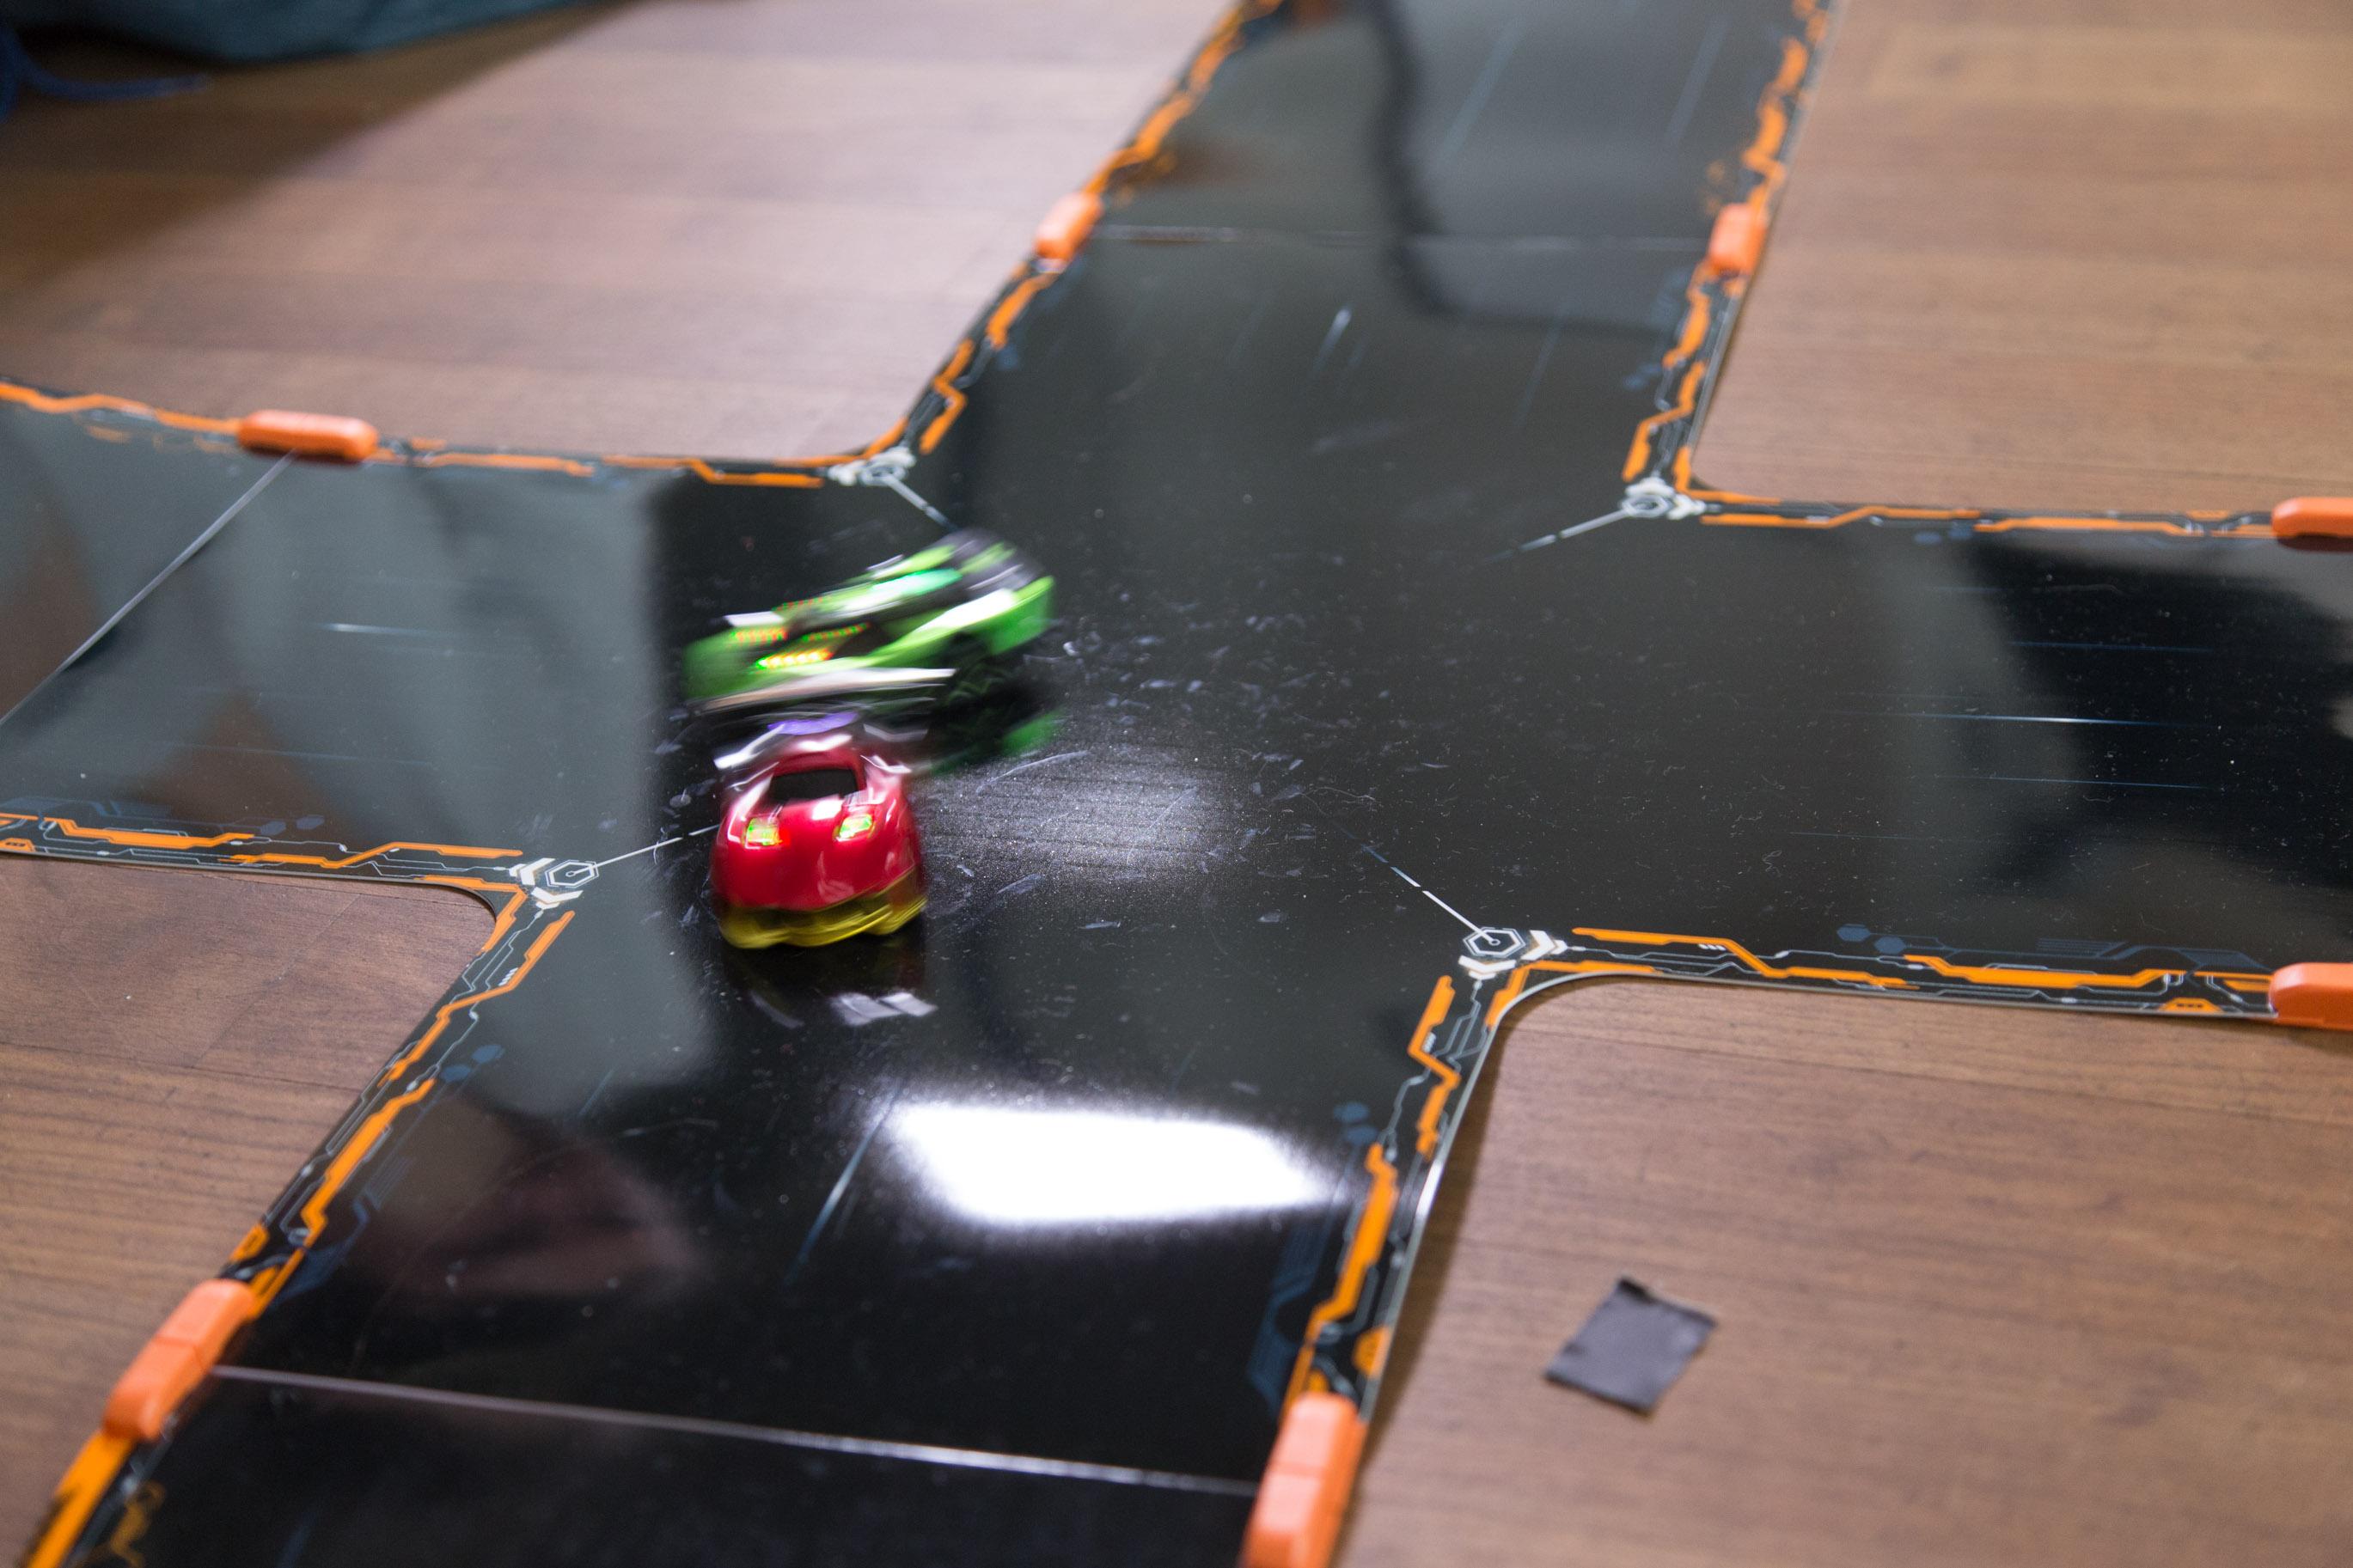 Test Anki Overdrive: Mit schnellen Schüssen um die Kurve - Crashes kann der Spieler trotzdem provozieren. (Foto: Martin Wolf/Golem.de)